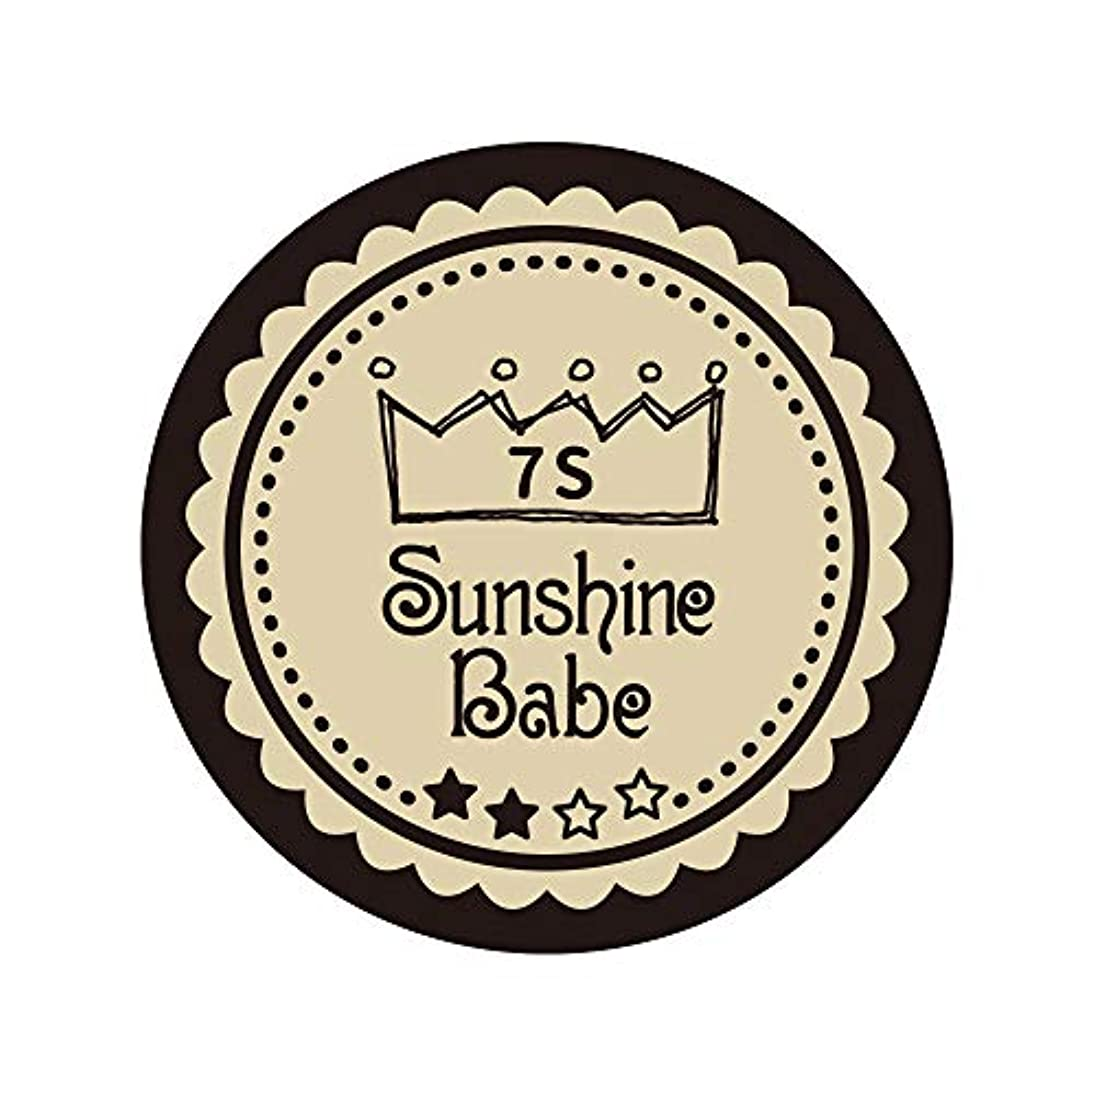 不規則なツインジェスチャーSunshine Babe コスメティックカラー 7S ウォームサンド 4g UV/LED対応